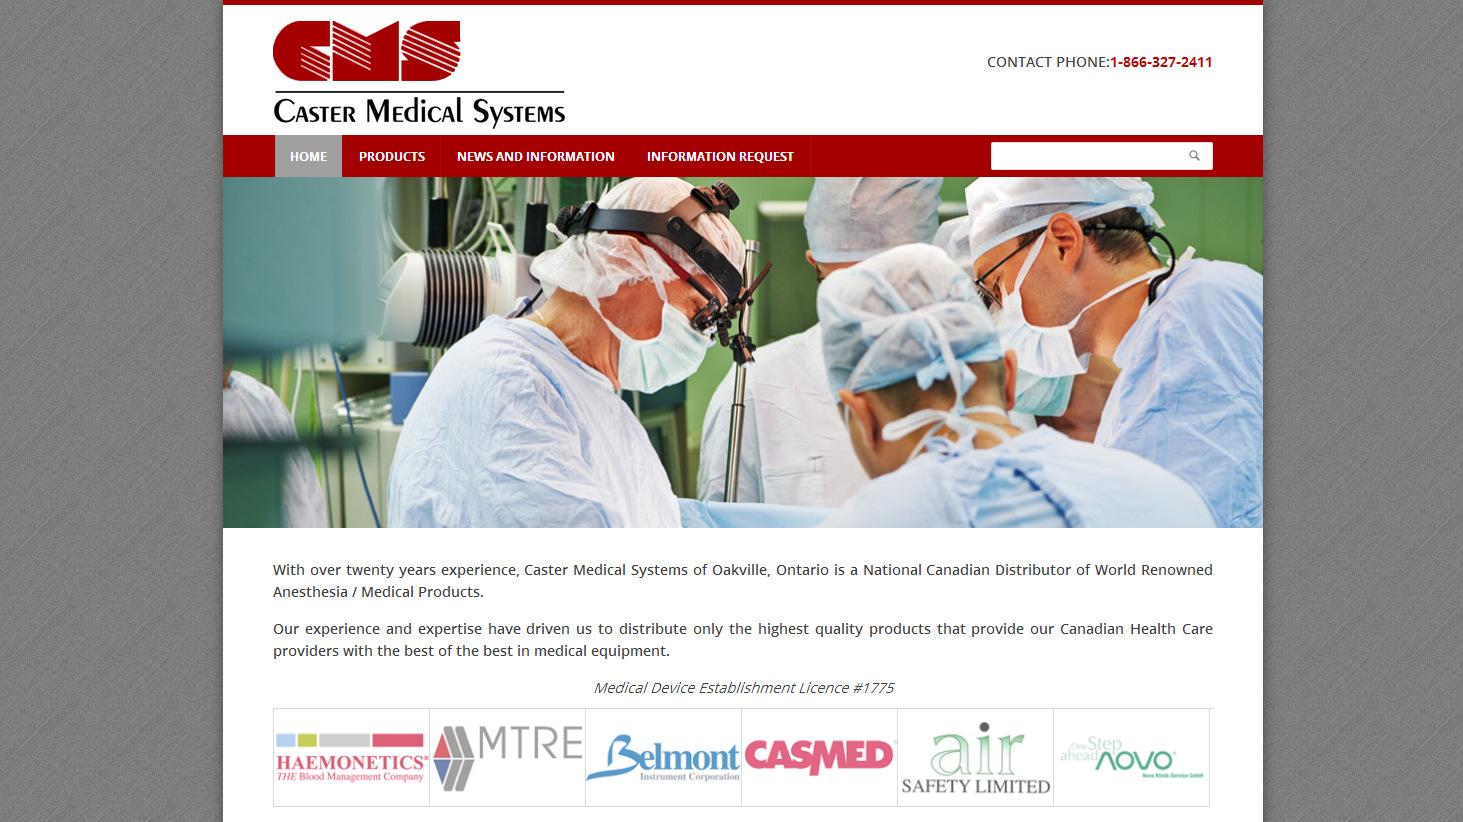 Caster Medical